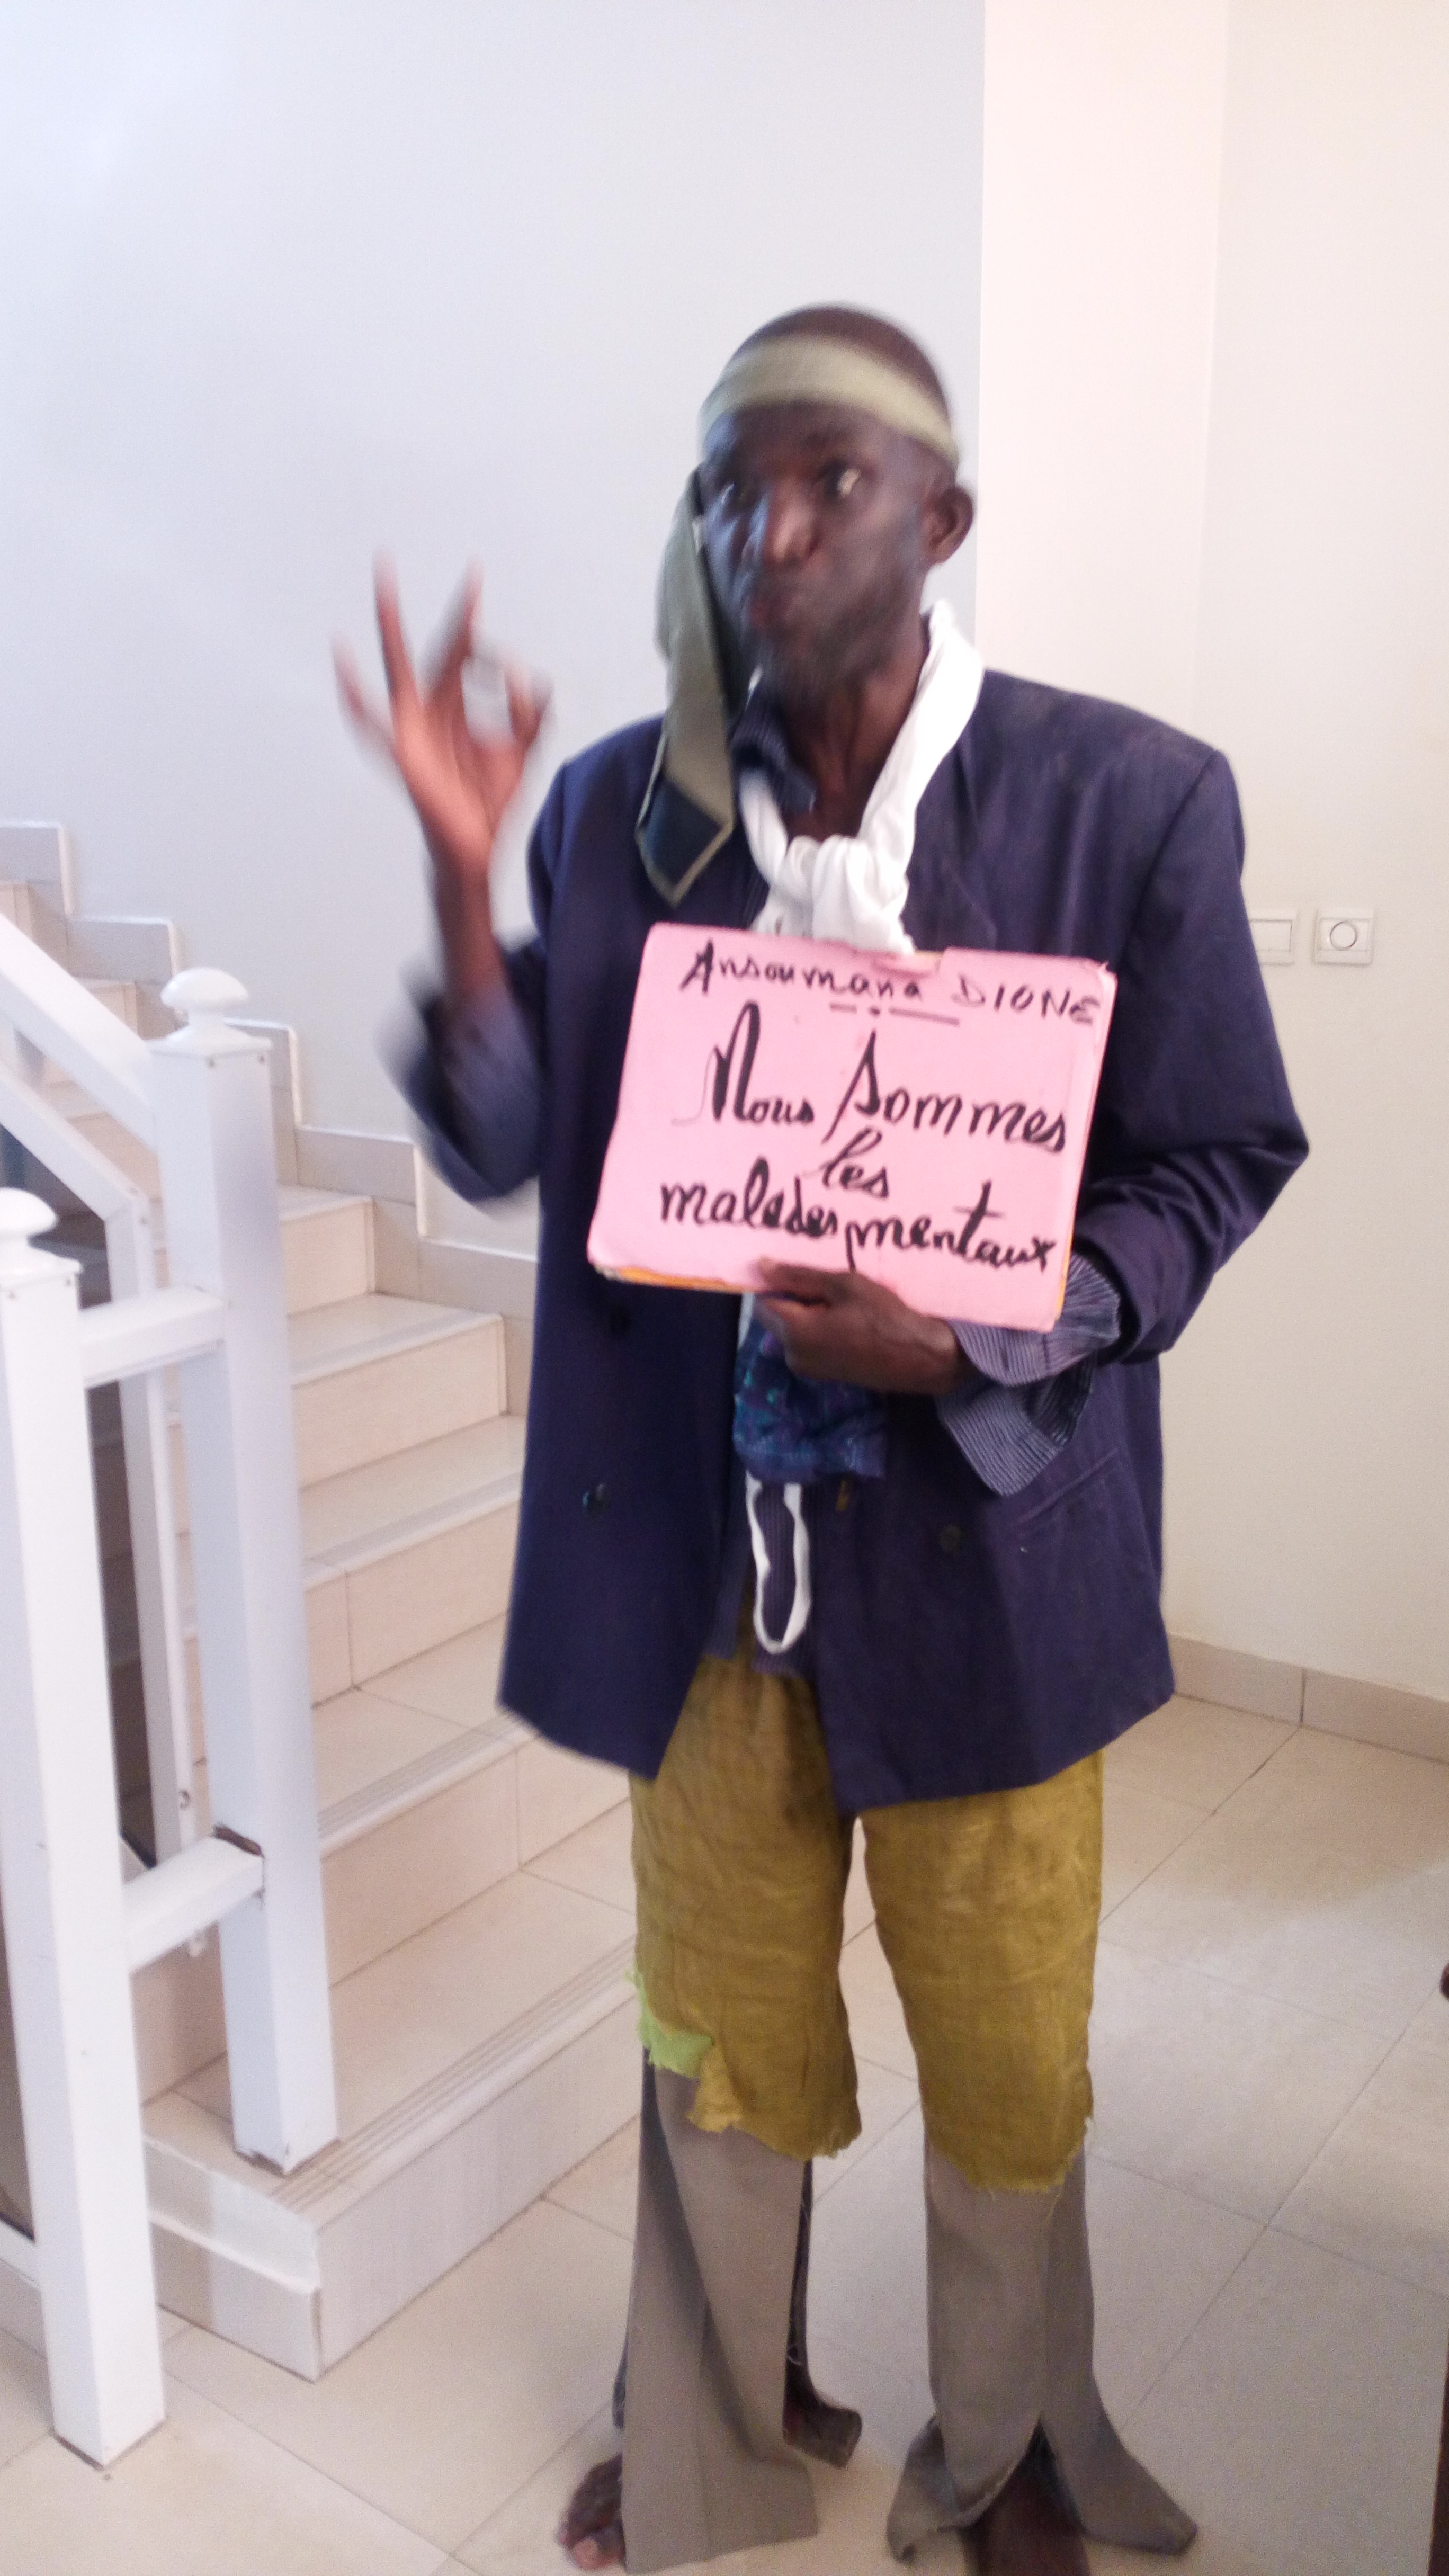 """ASSAMM - Ansoumana Dione: """"Nous sommes des malades mentaux"""""""